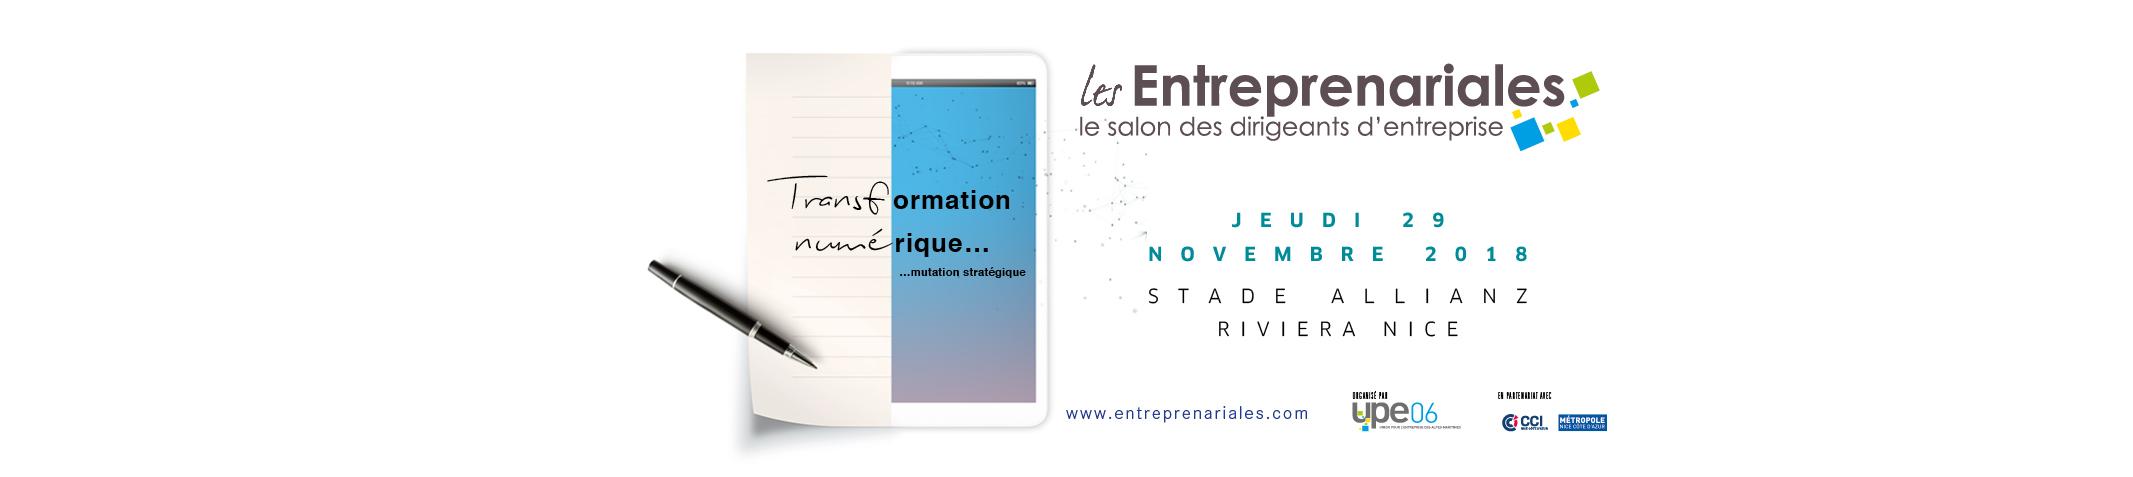 Entreprenariales 2018